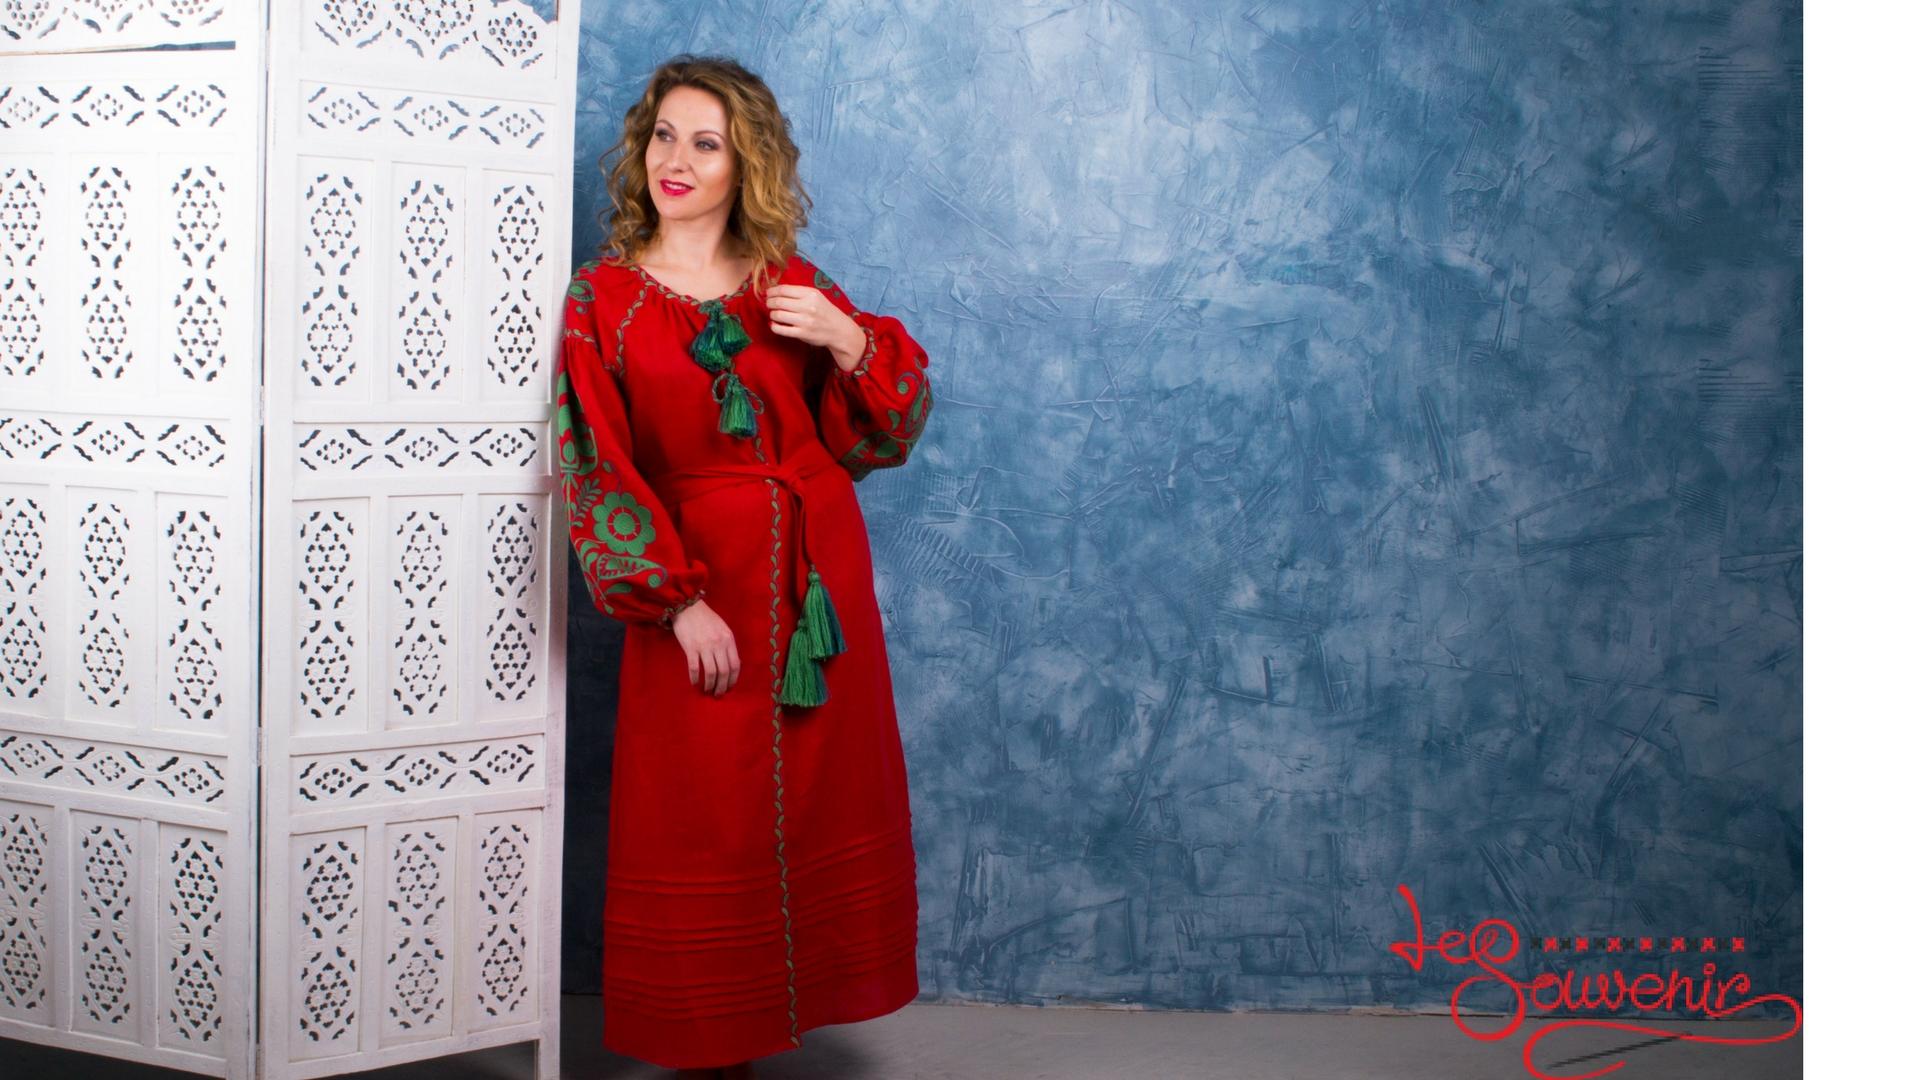 А як неперевершено виглядає тендітна жіноча фігура у народному українському  вбранні – вишитій сукні. Сьогодні плаття-вишиванка може мати який завгодно  фасон ... 01535c37c3cba